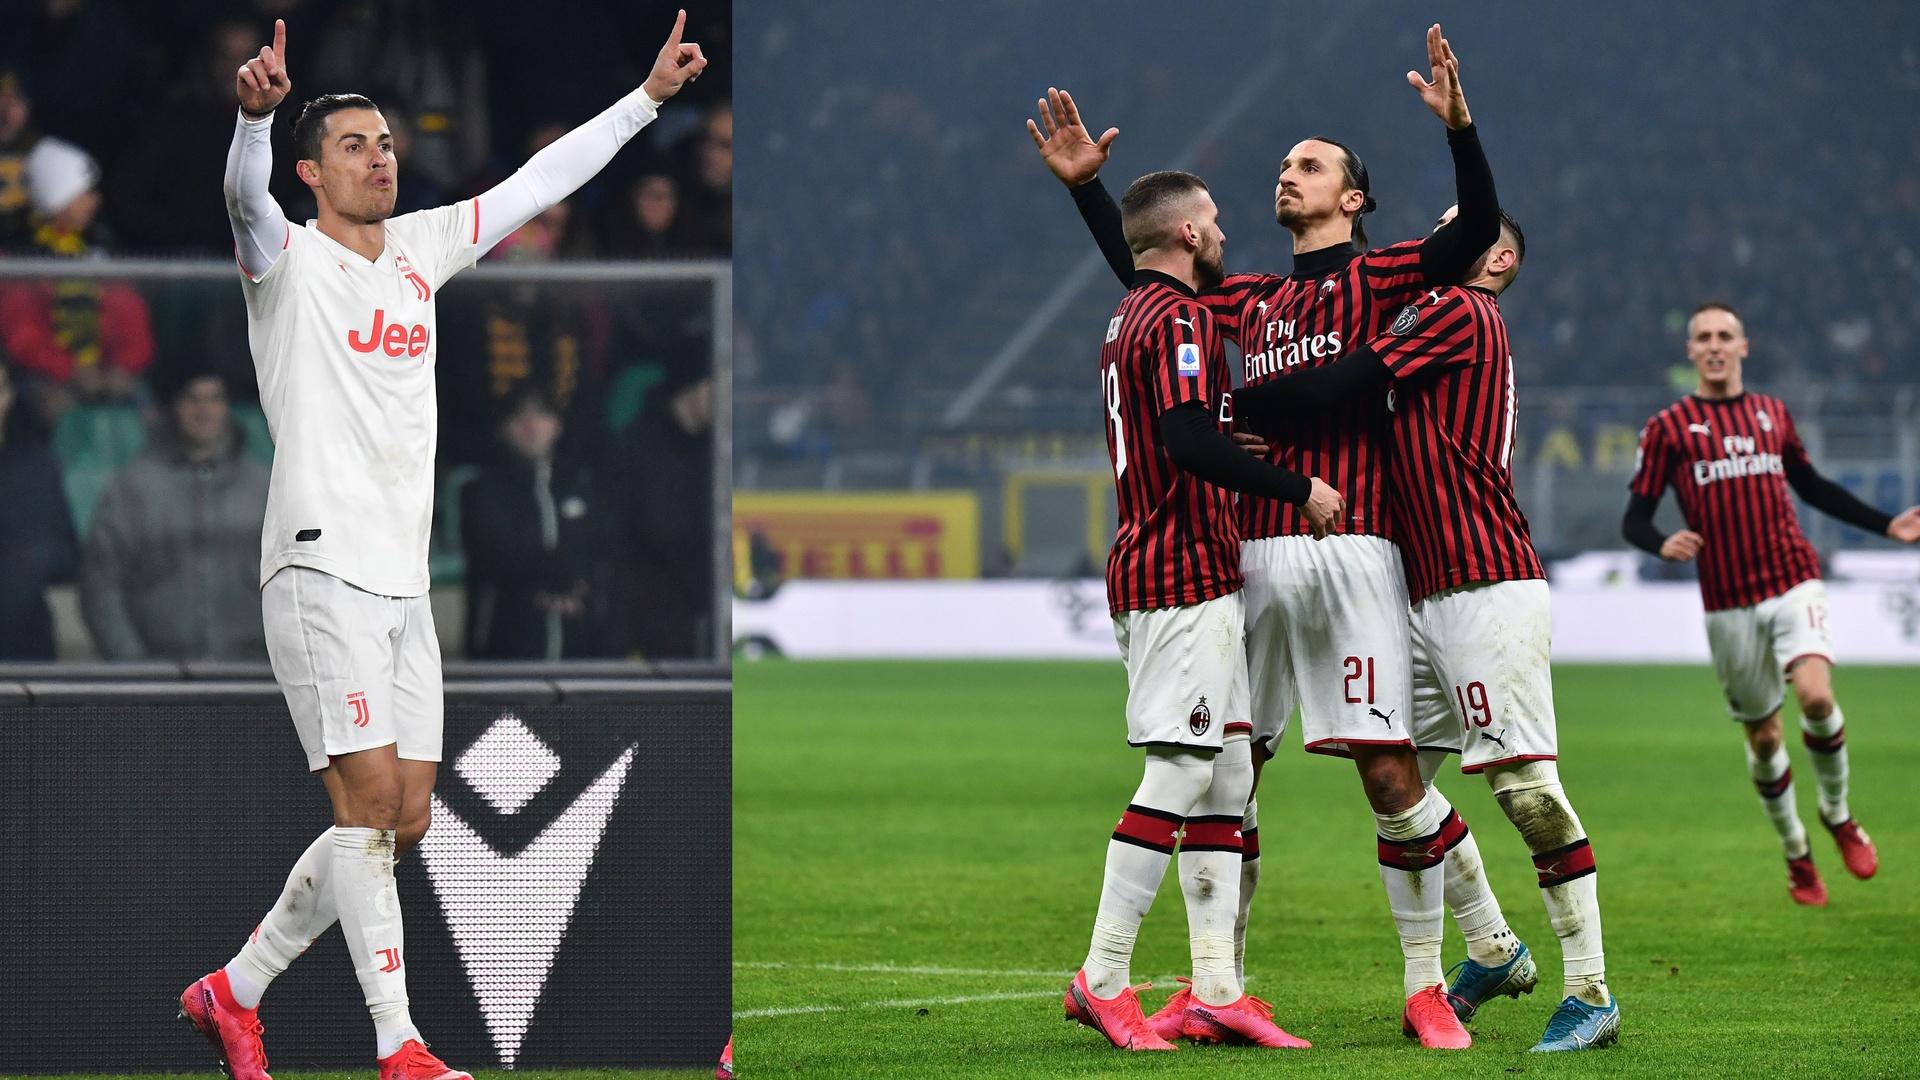 مواجهة العمالقة تحقق أرقاما قياسية  في نصف نهائي كأس إيطاليا